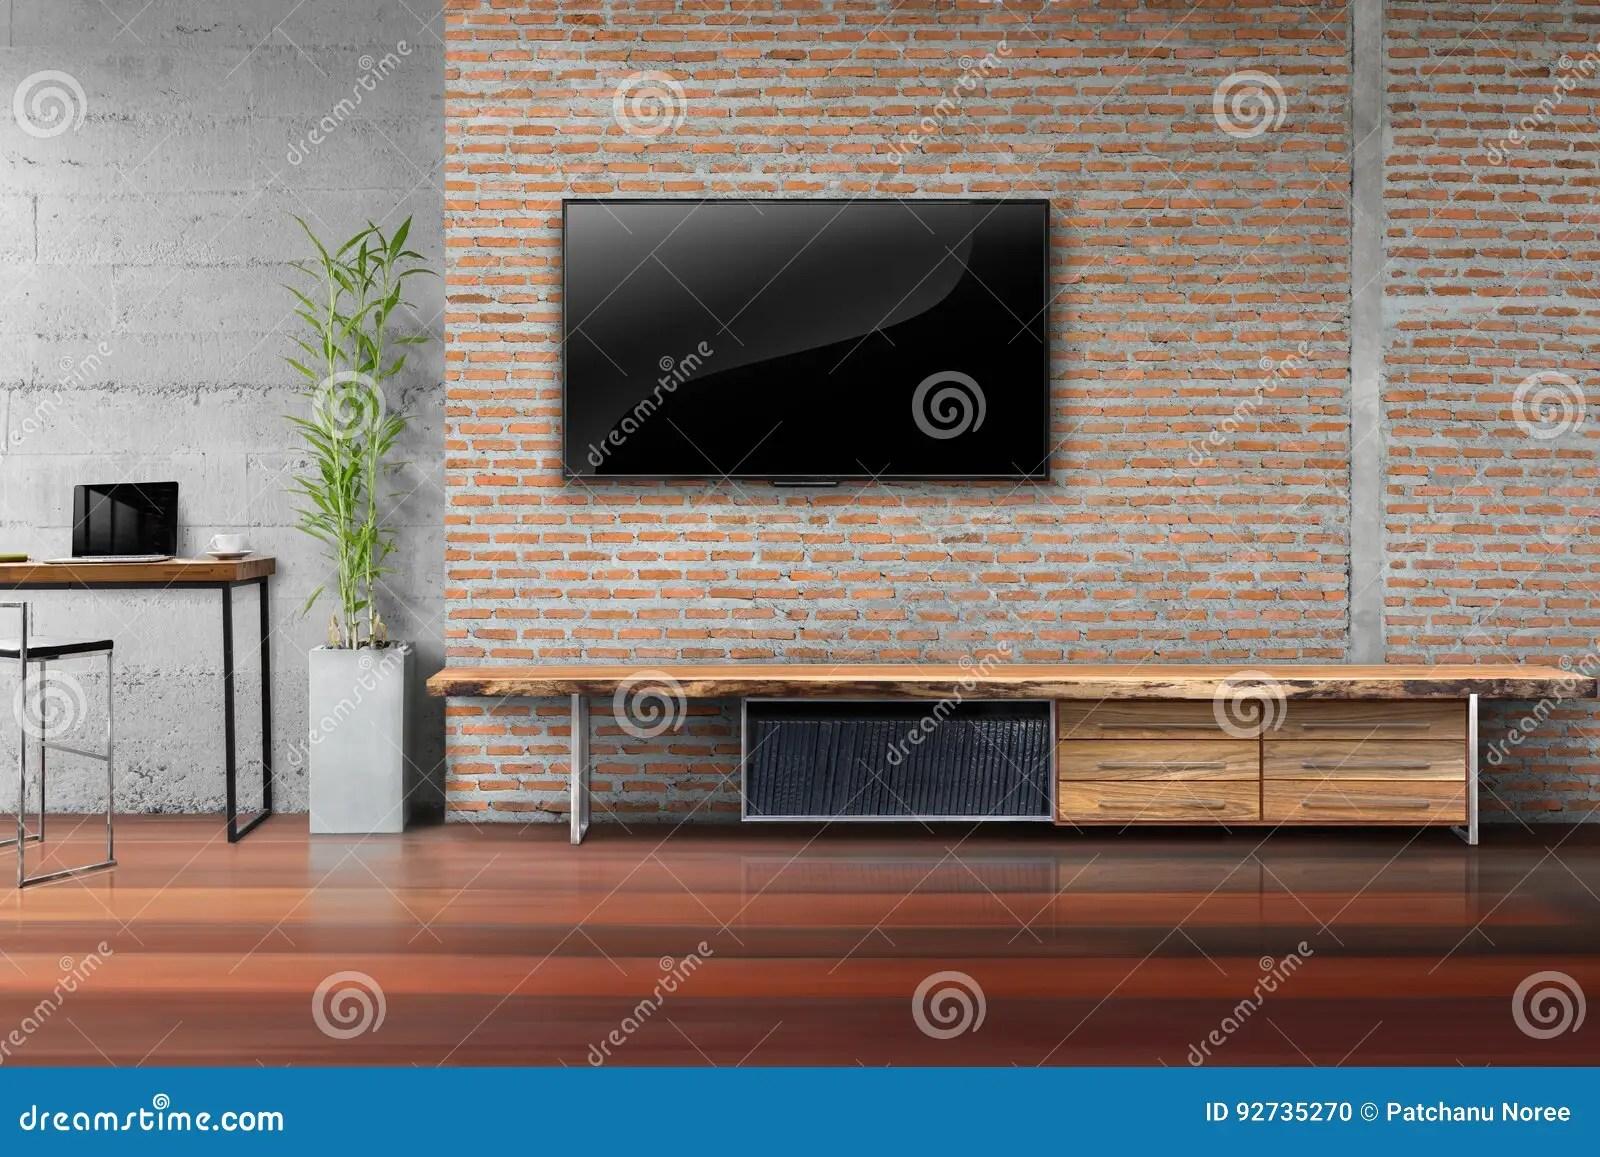 salon brique rouge salle photo rouge vert beige brique salon idee fonce noir. Black Bedroom Furniture Sets. Home Design Ideas